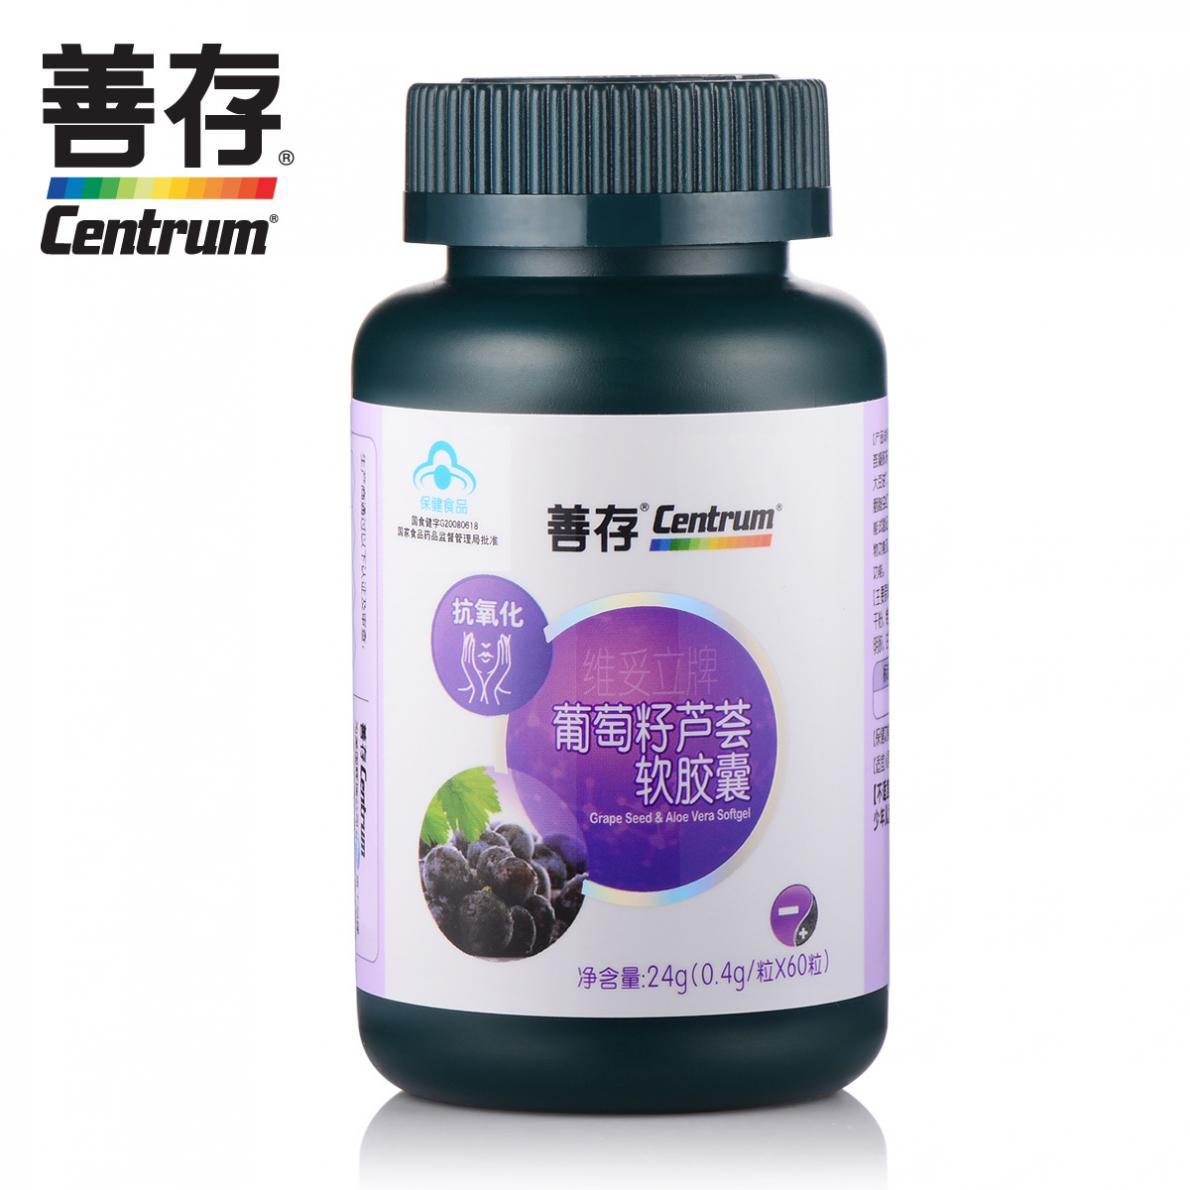 善存 葡萄籽芦荟软胶囊 广东仙乐 12g(0.4g/粒*30粒)